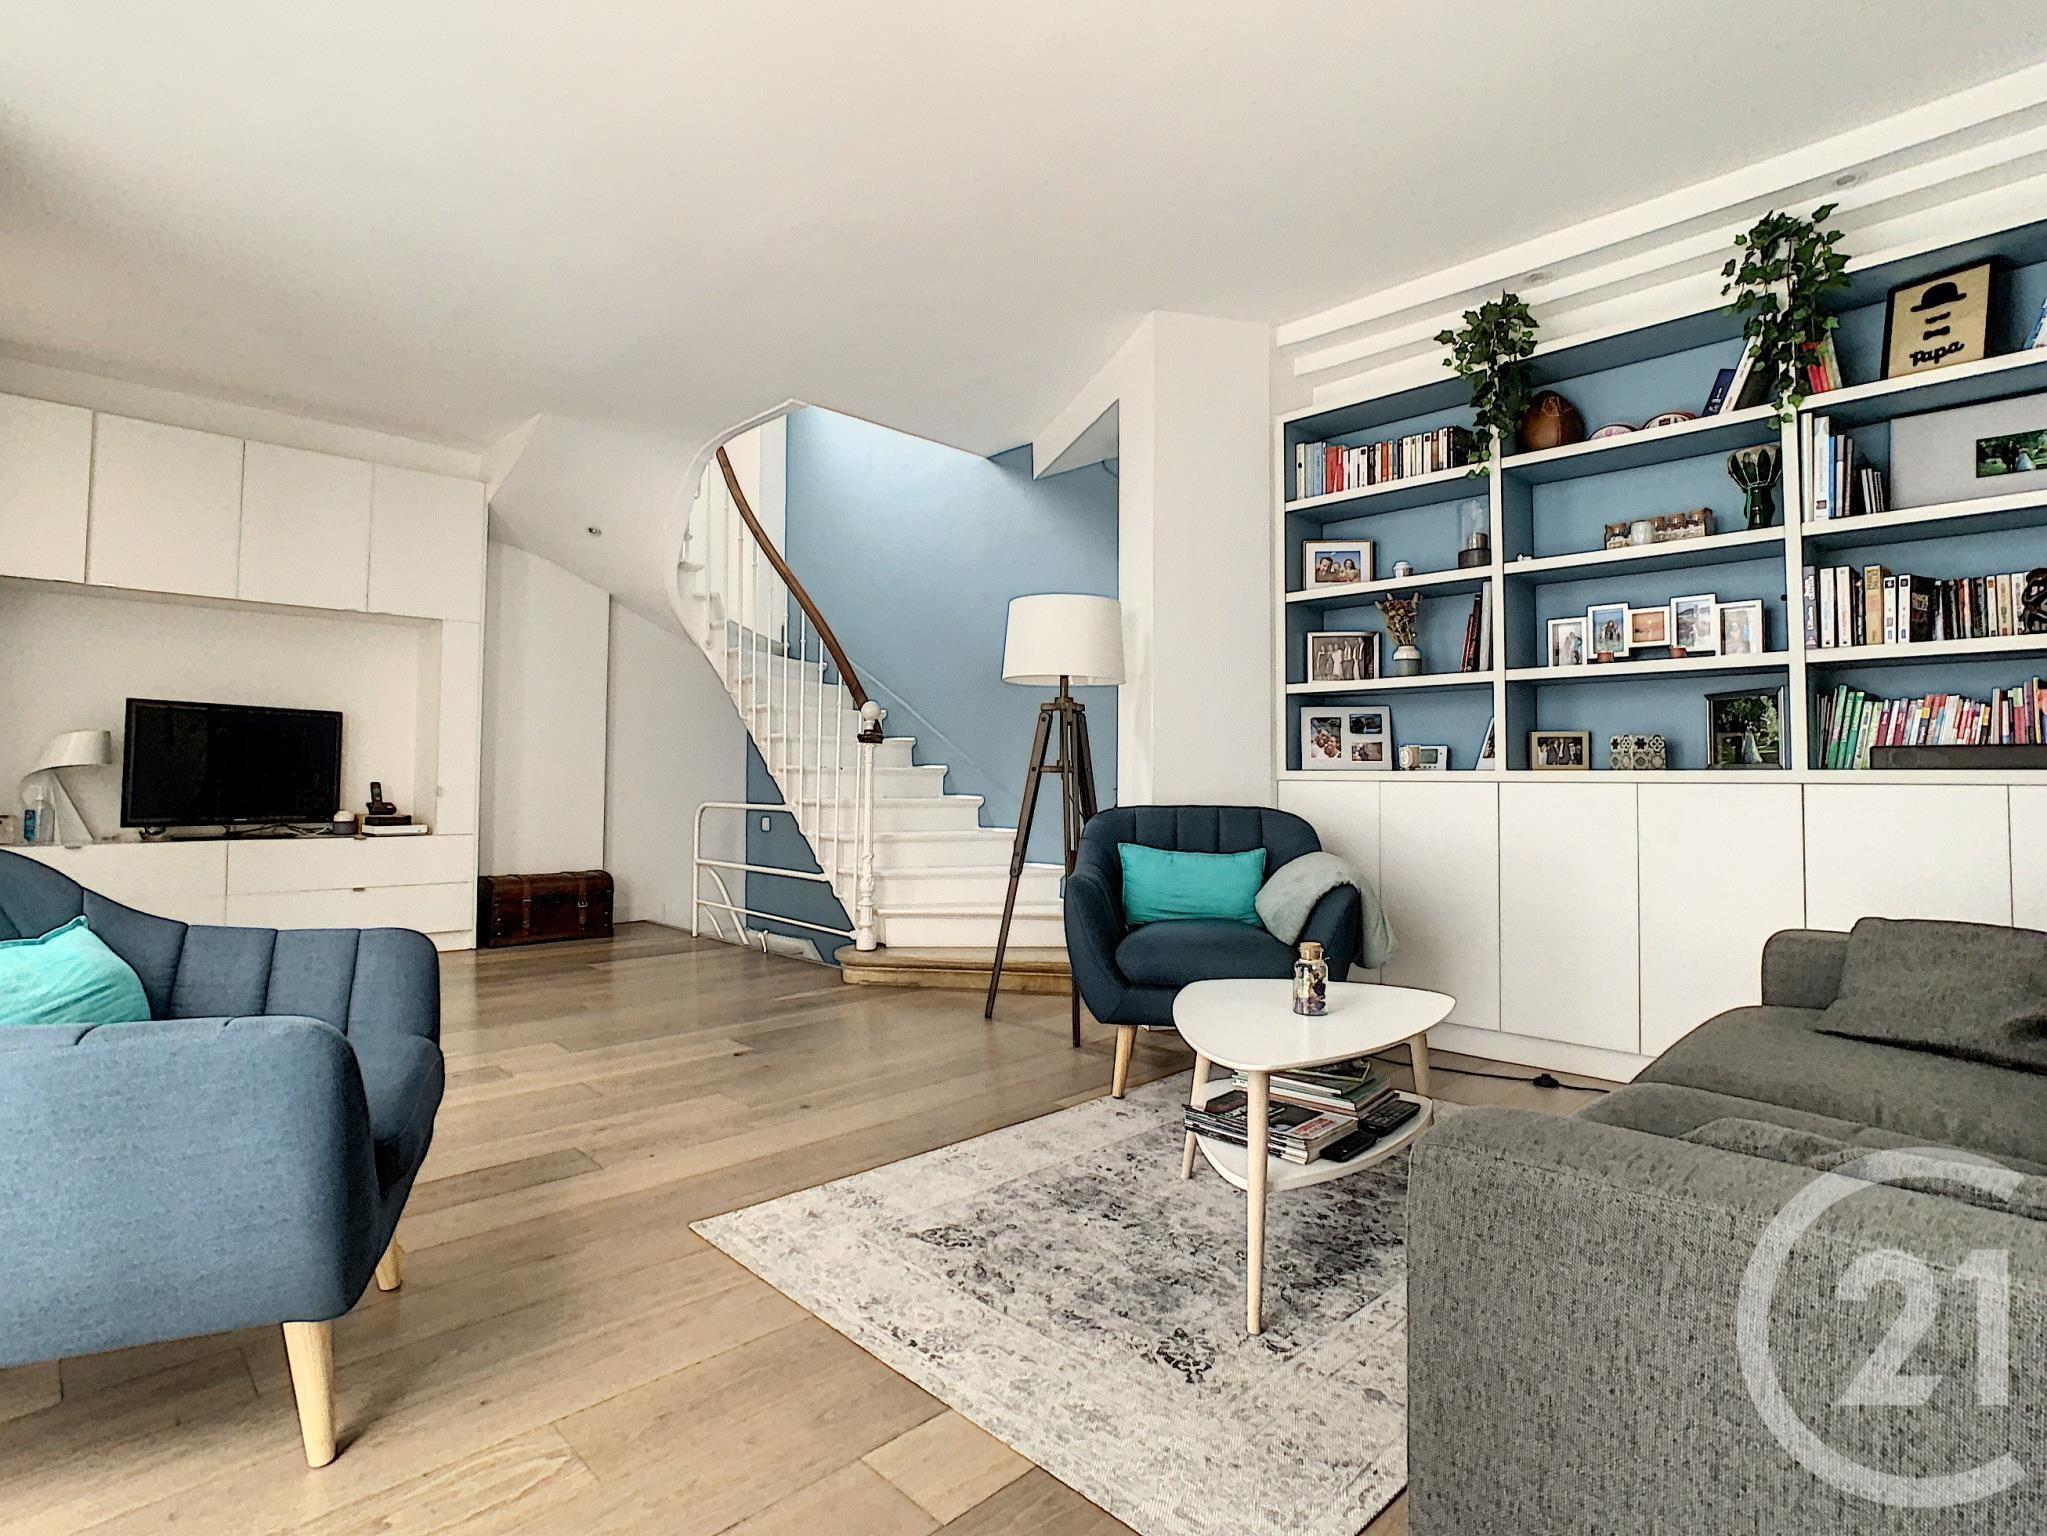 Maison a vendre boulogne-billancourt - 4 pièce(s) - 100.53 m2 - Surfyn